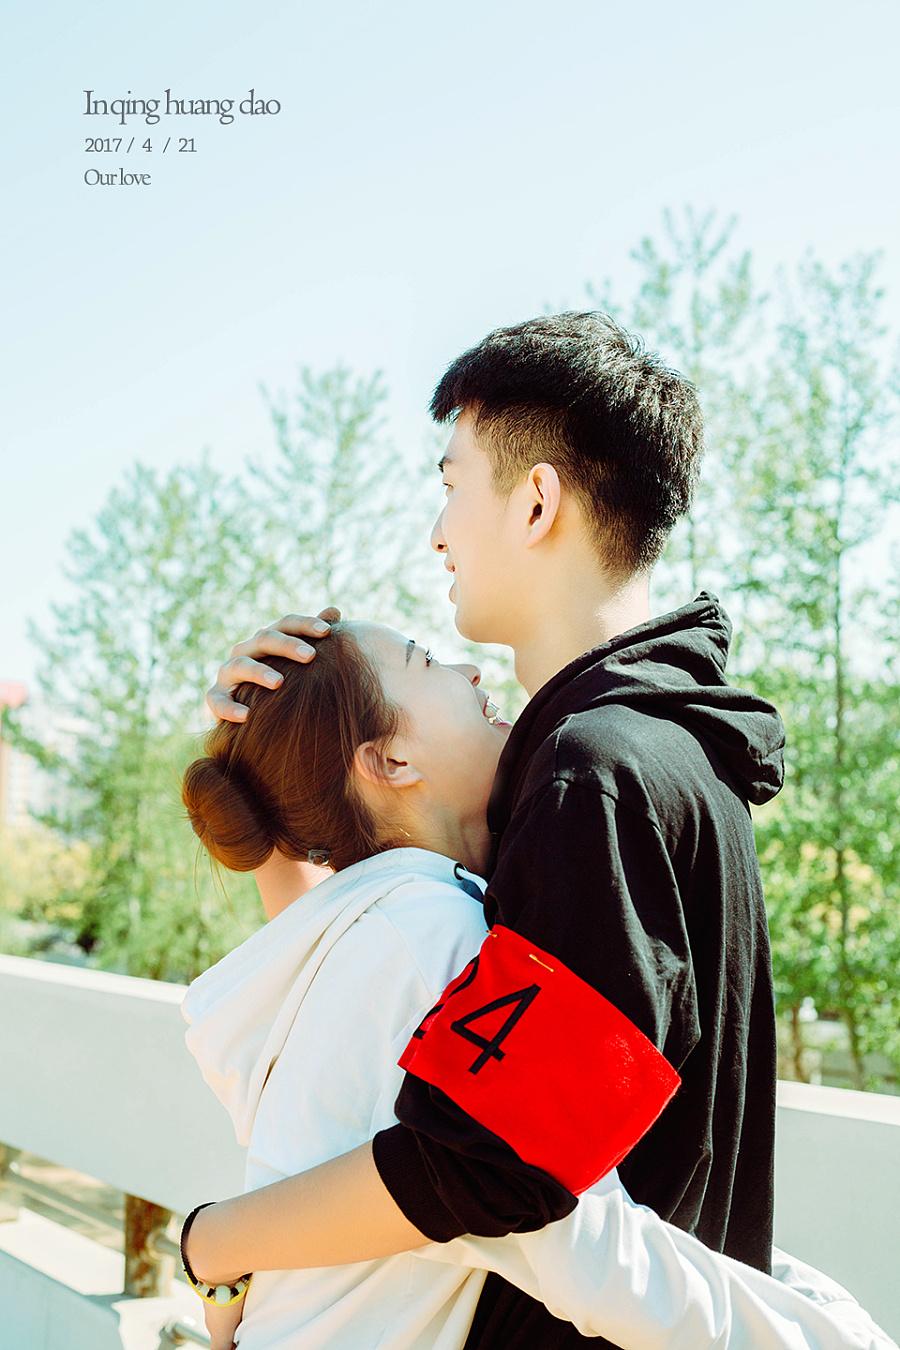 青春|校园|爱情